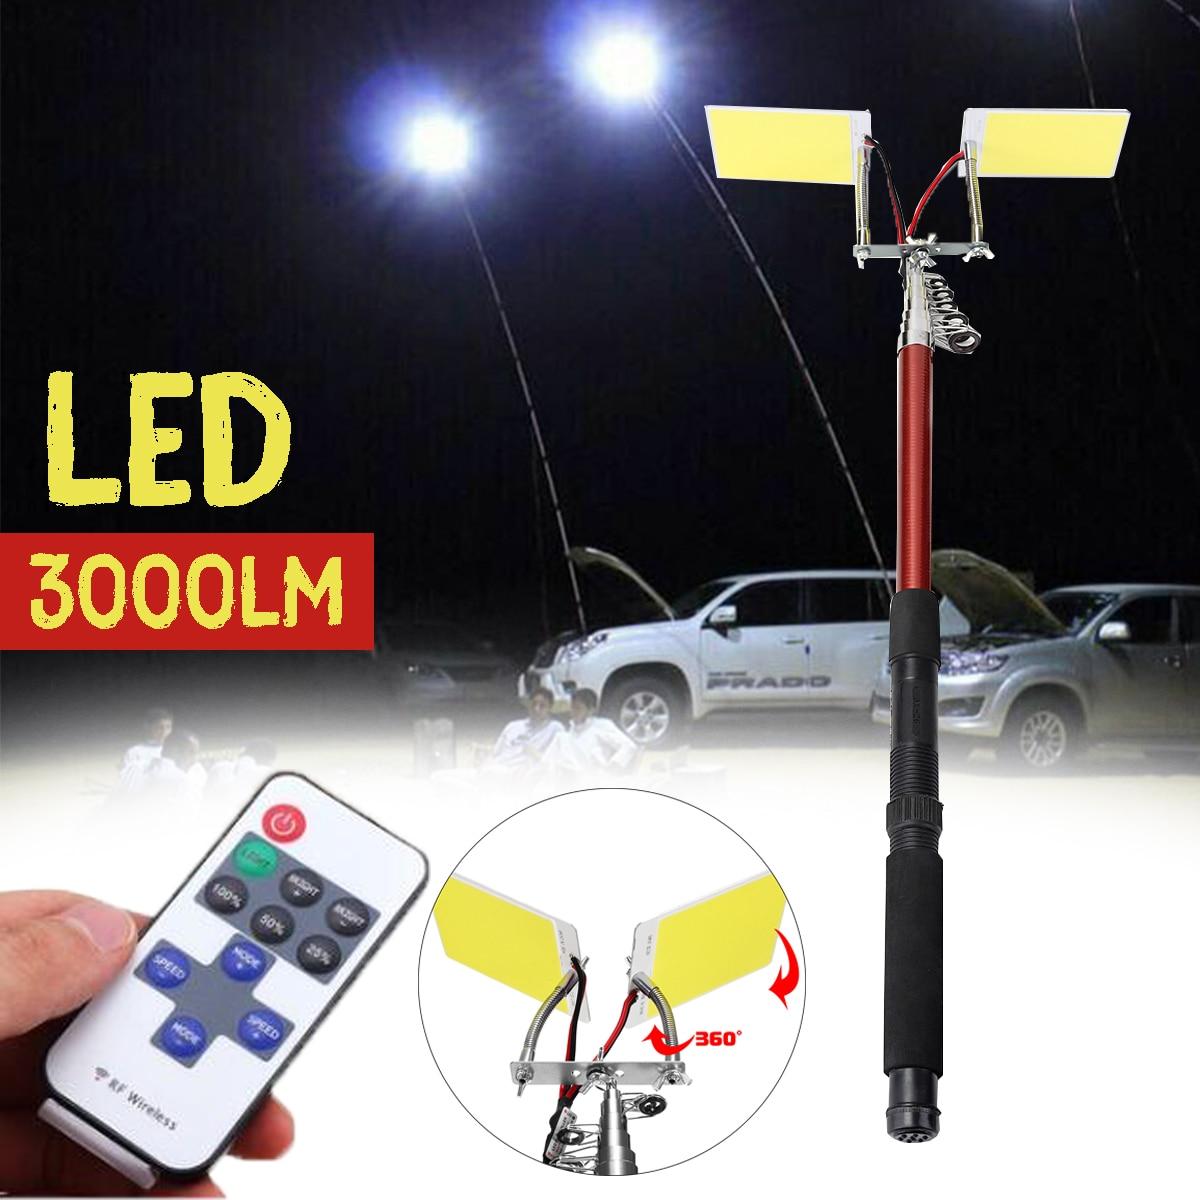 3.75 M 12 V télescopique LED canne à pêche lanterne extérieure télécommande Camping lampe lumière pour voyage sur route auto-entraînement voyage